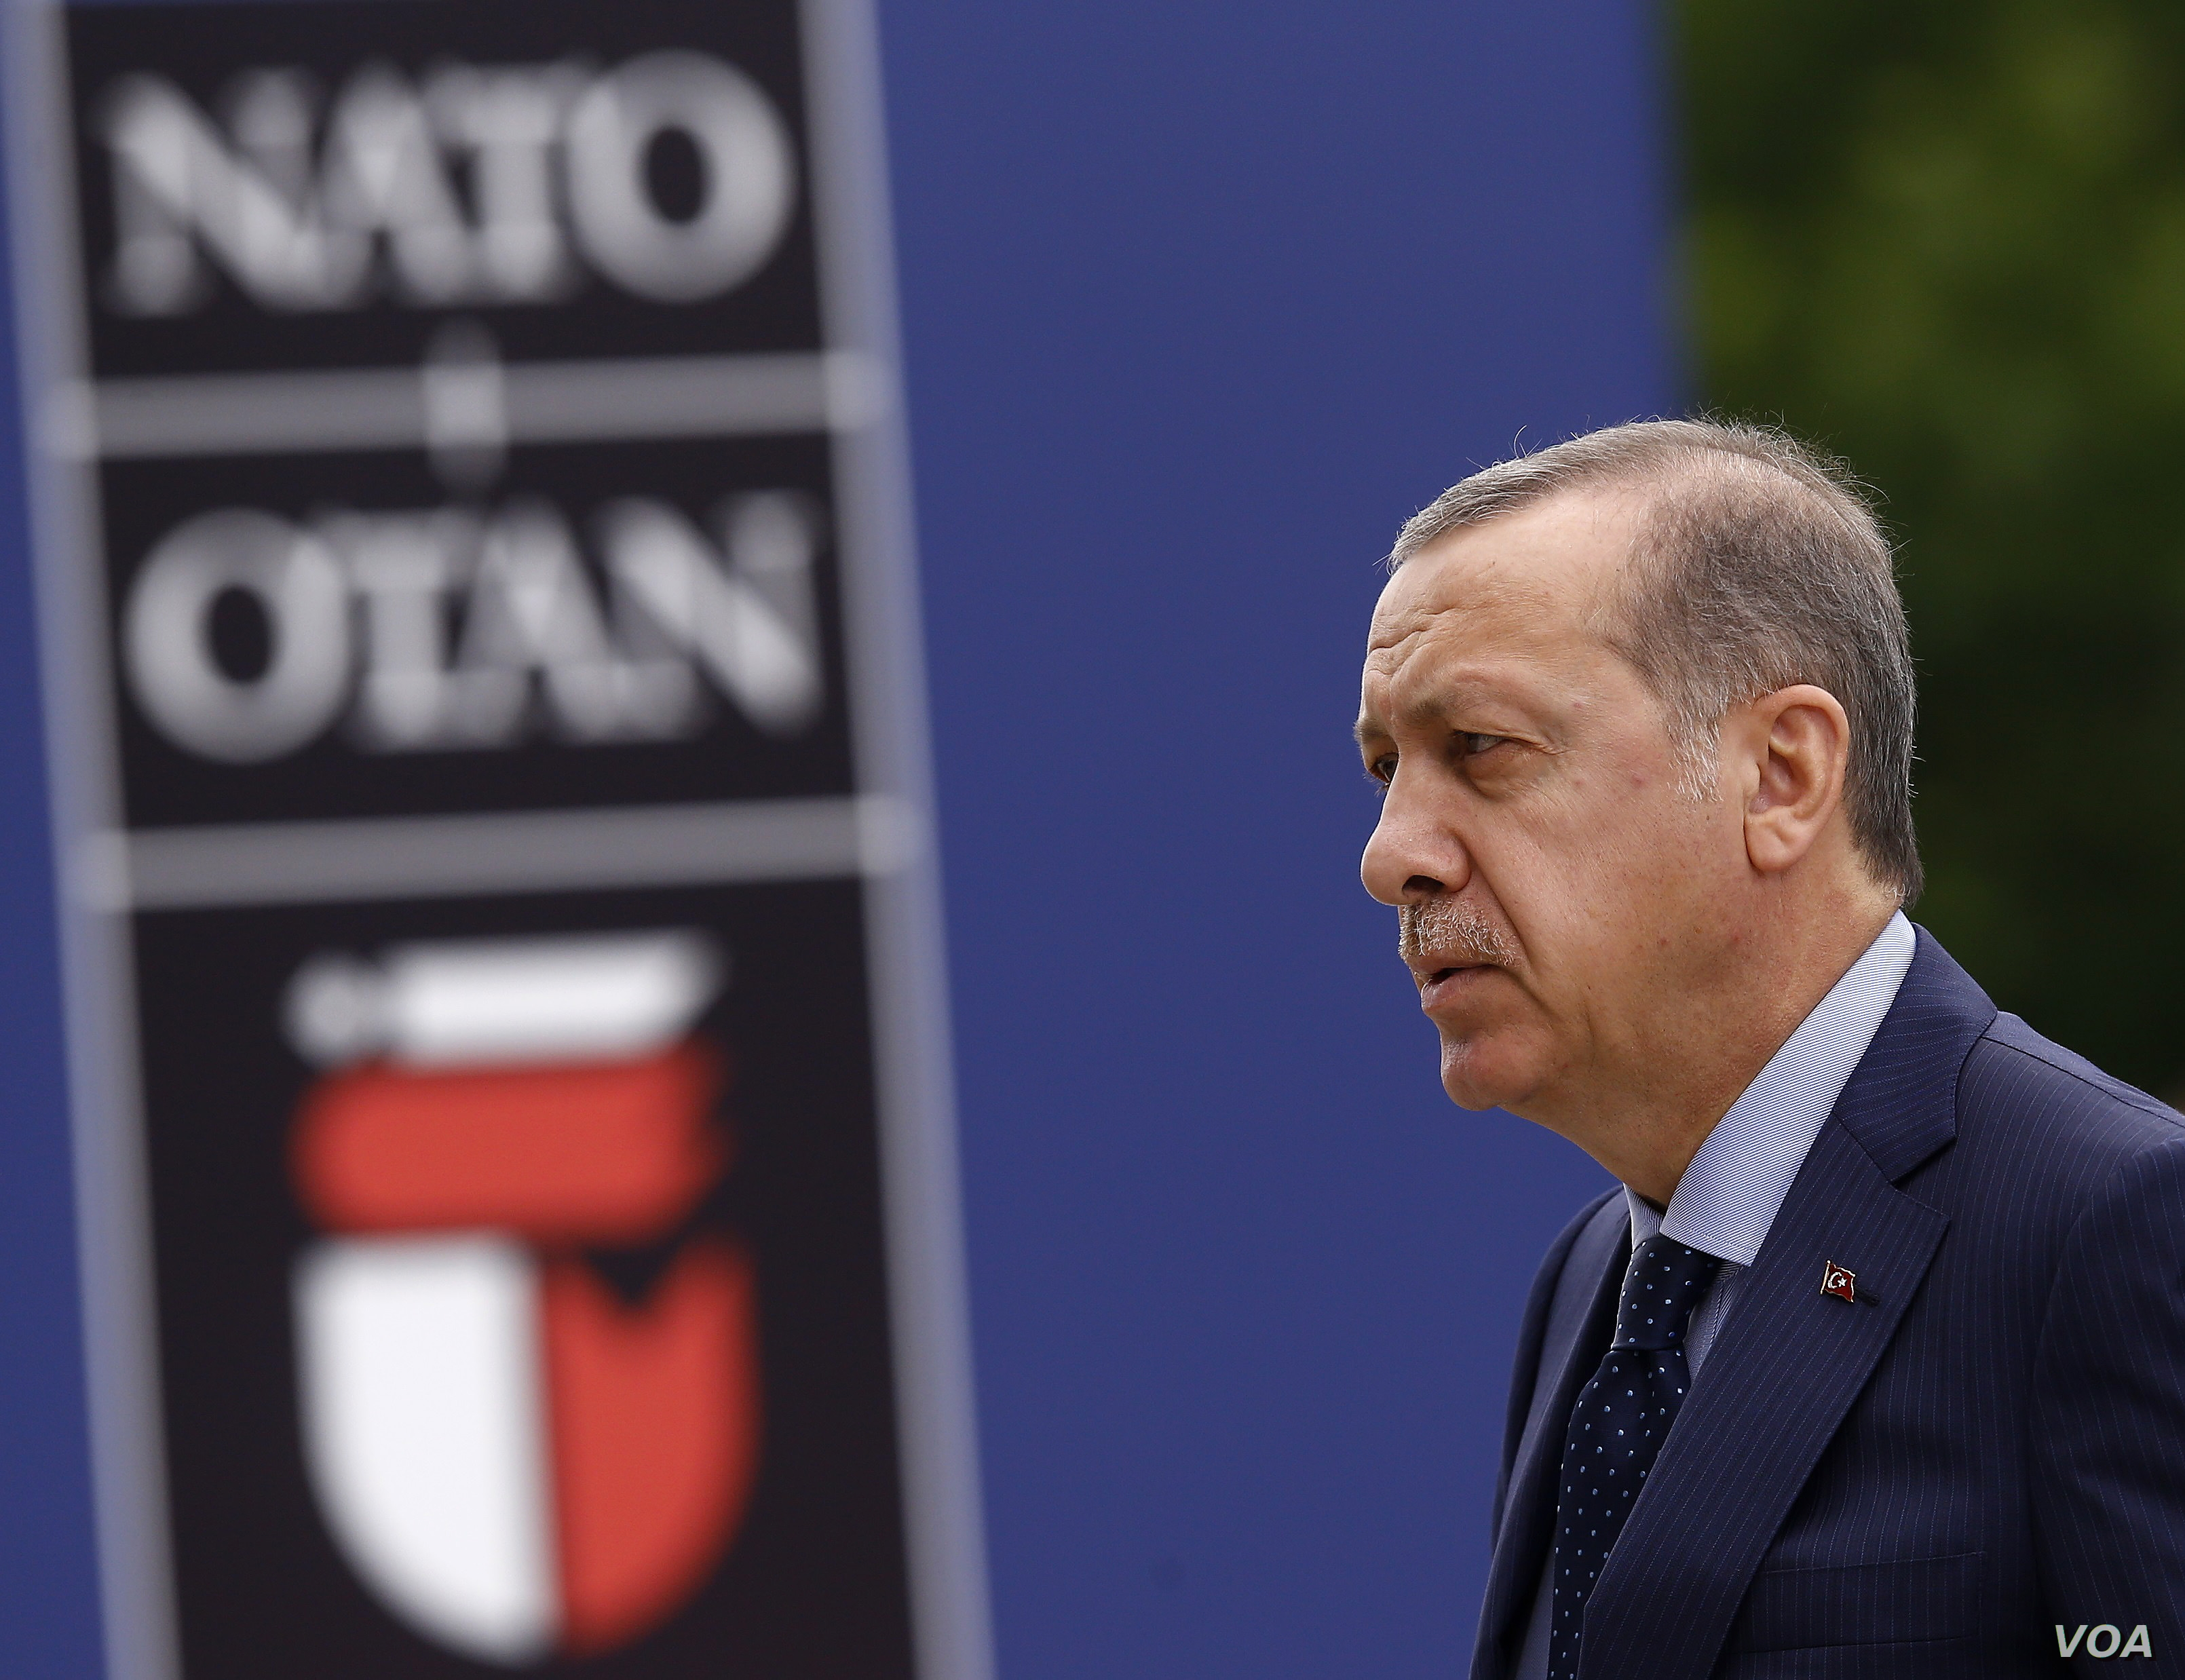 صورة موقع أمريكي: أردوغان يتحدا أوروبا.. ما مصير التحالفات؟